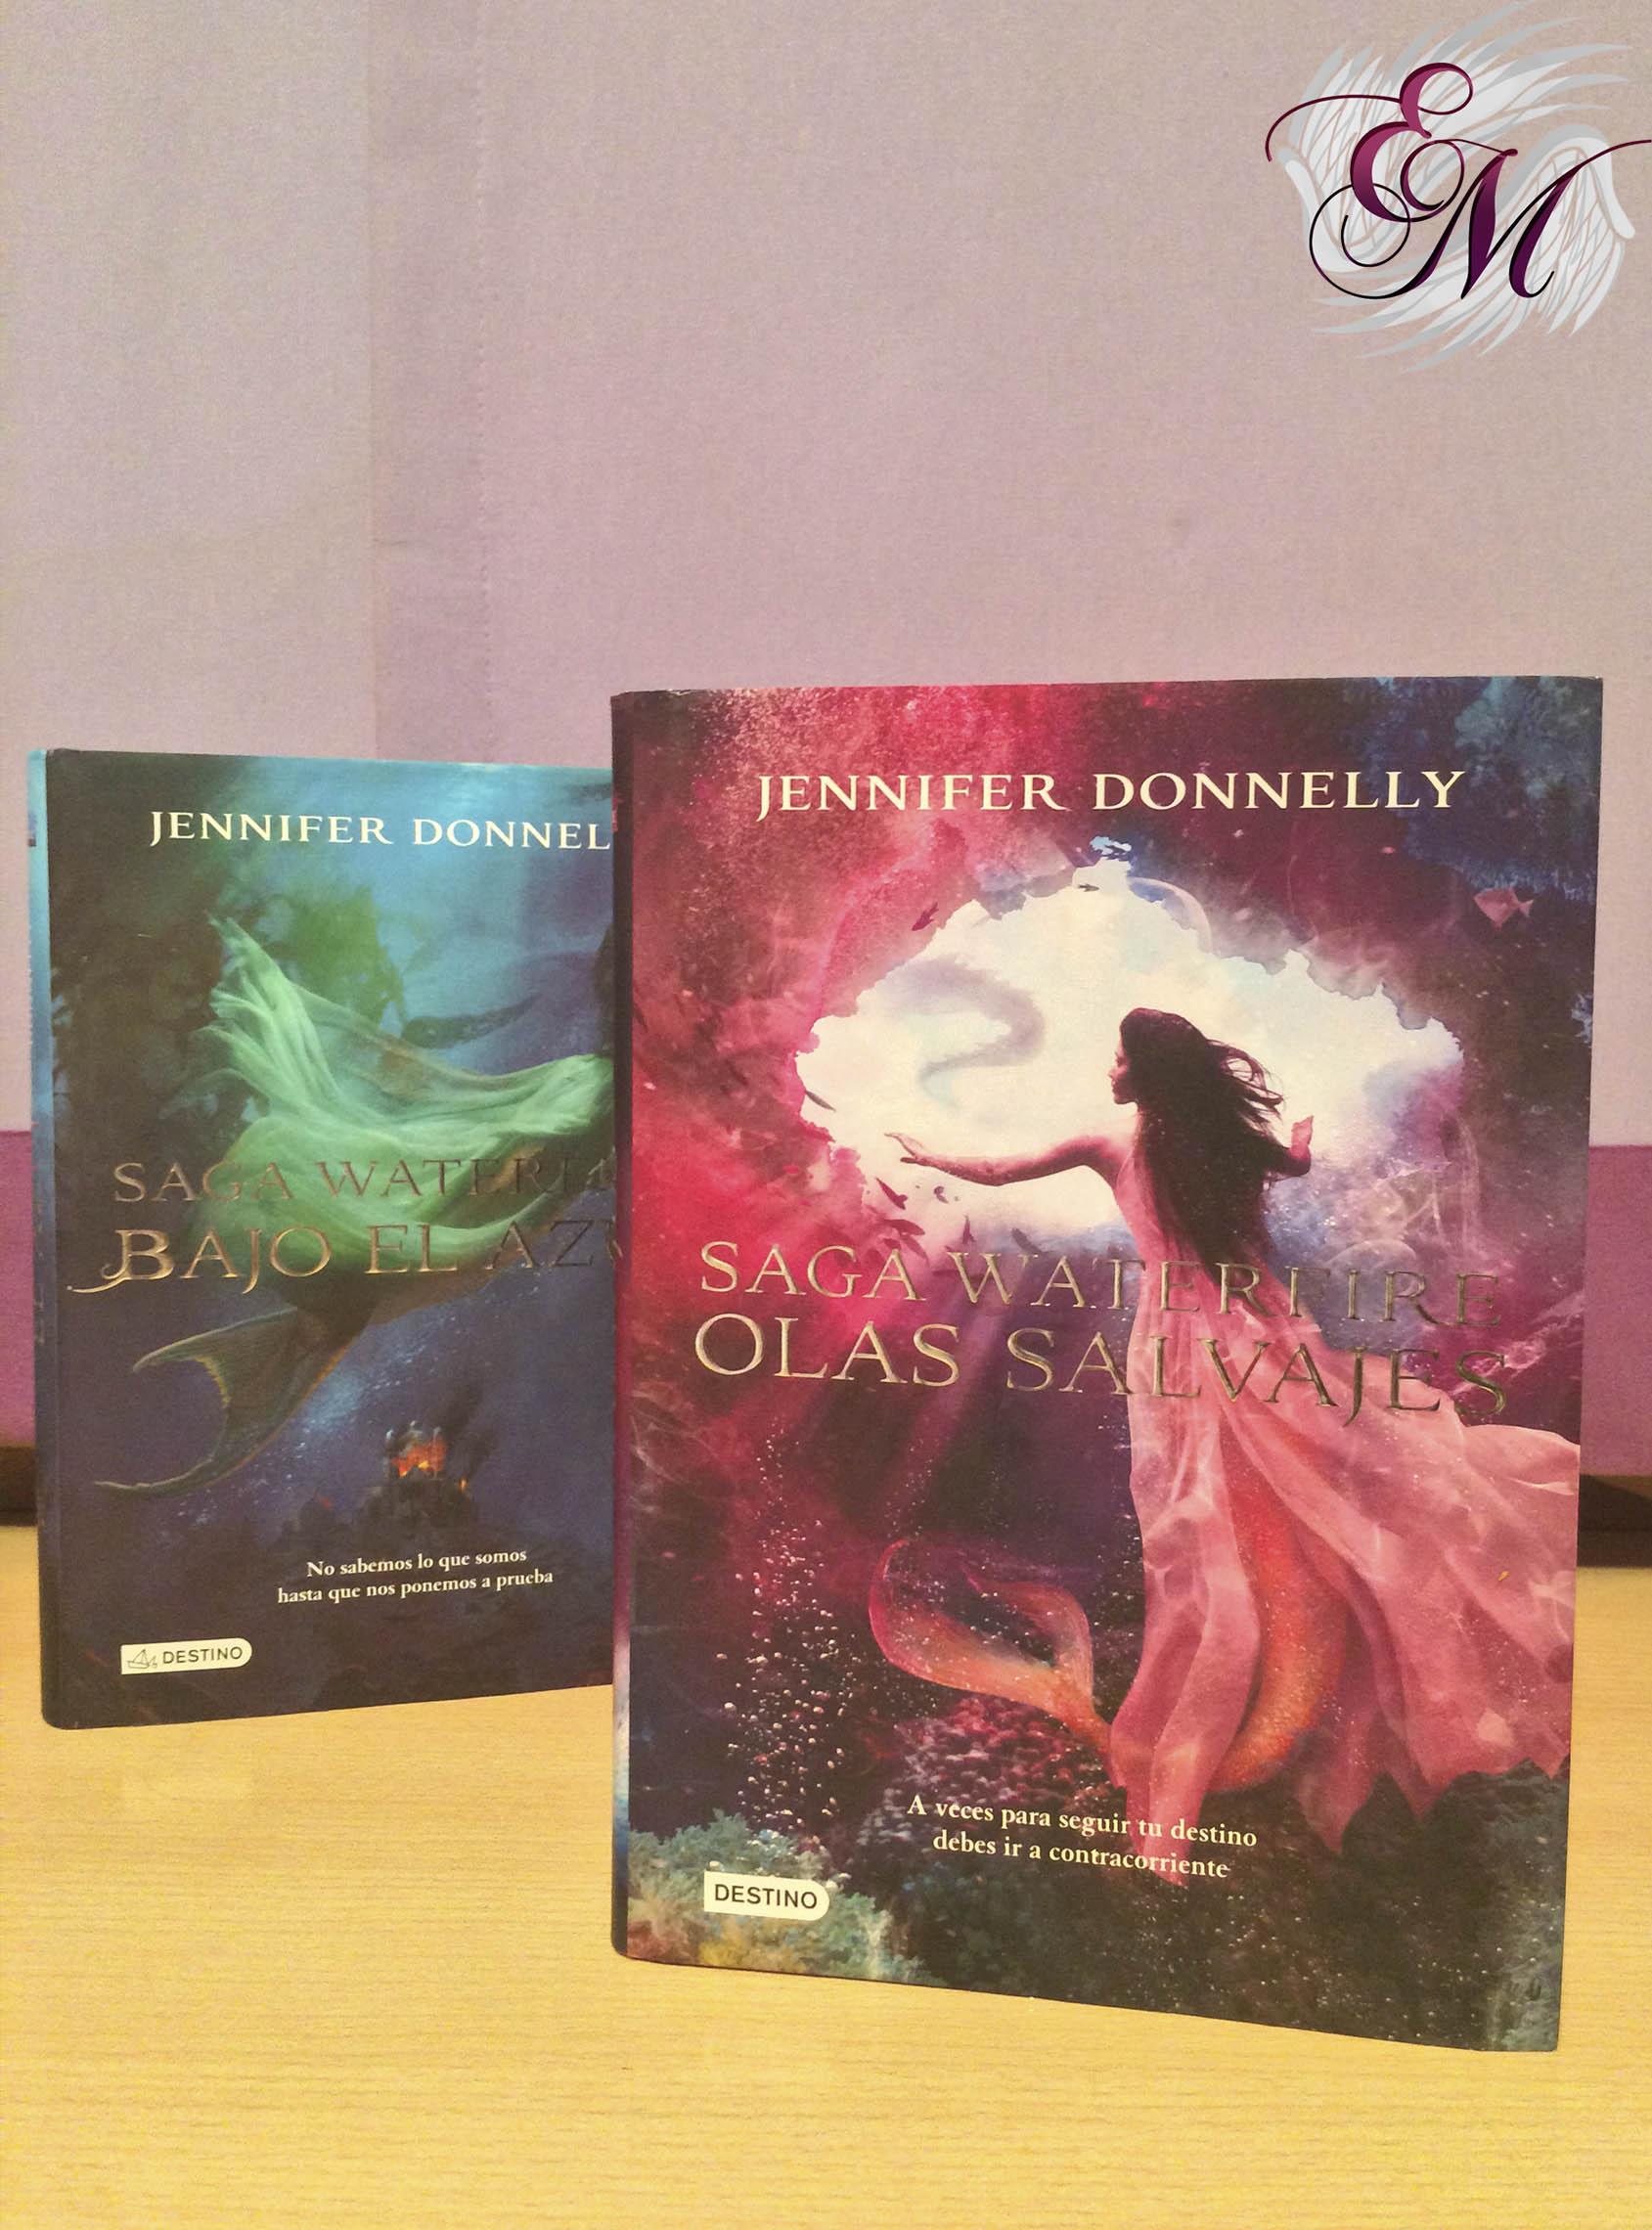 Olas salvajes, Jennifer Donnelly - Reseña